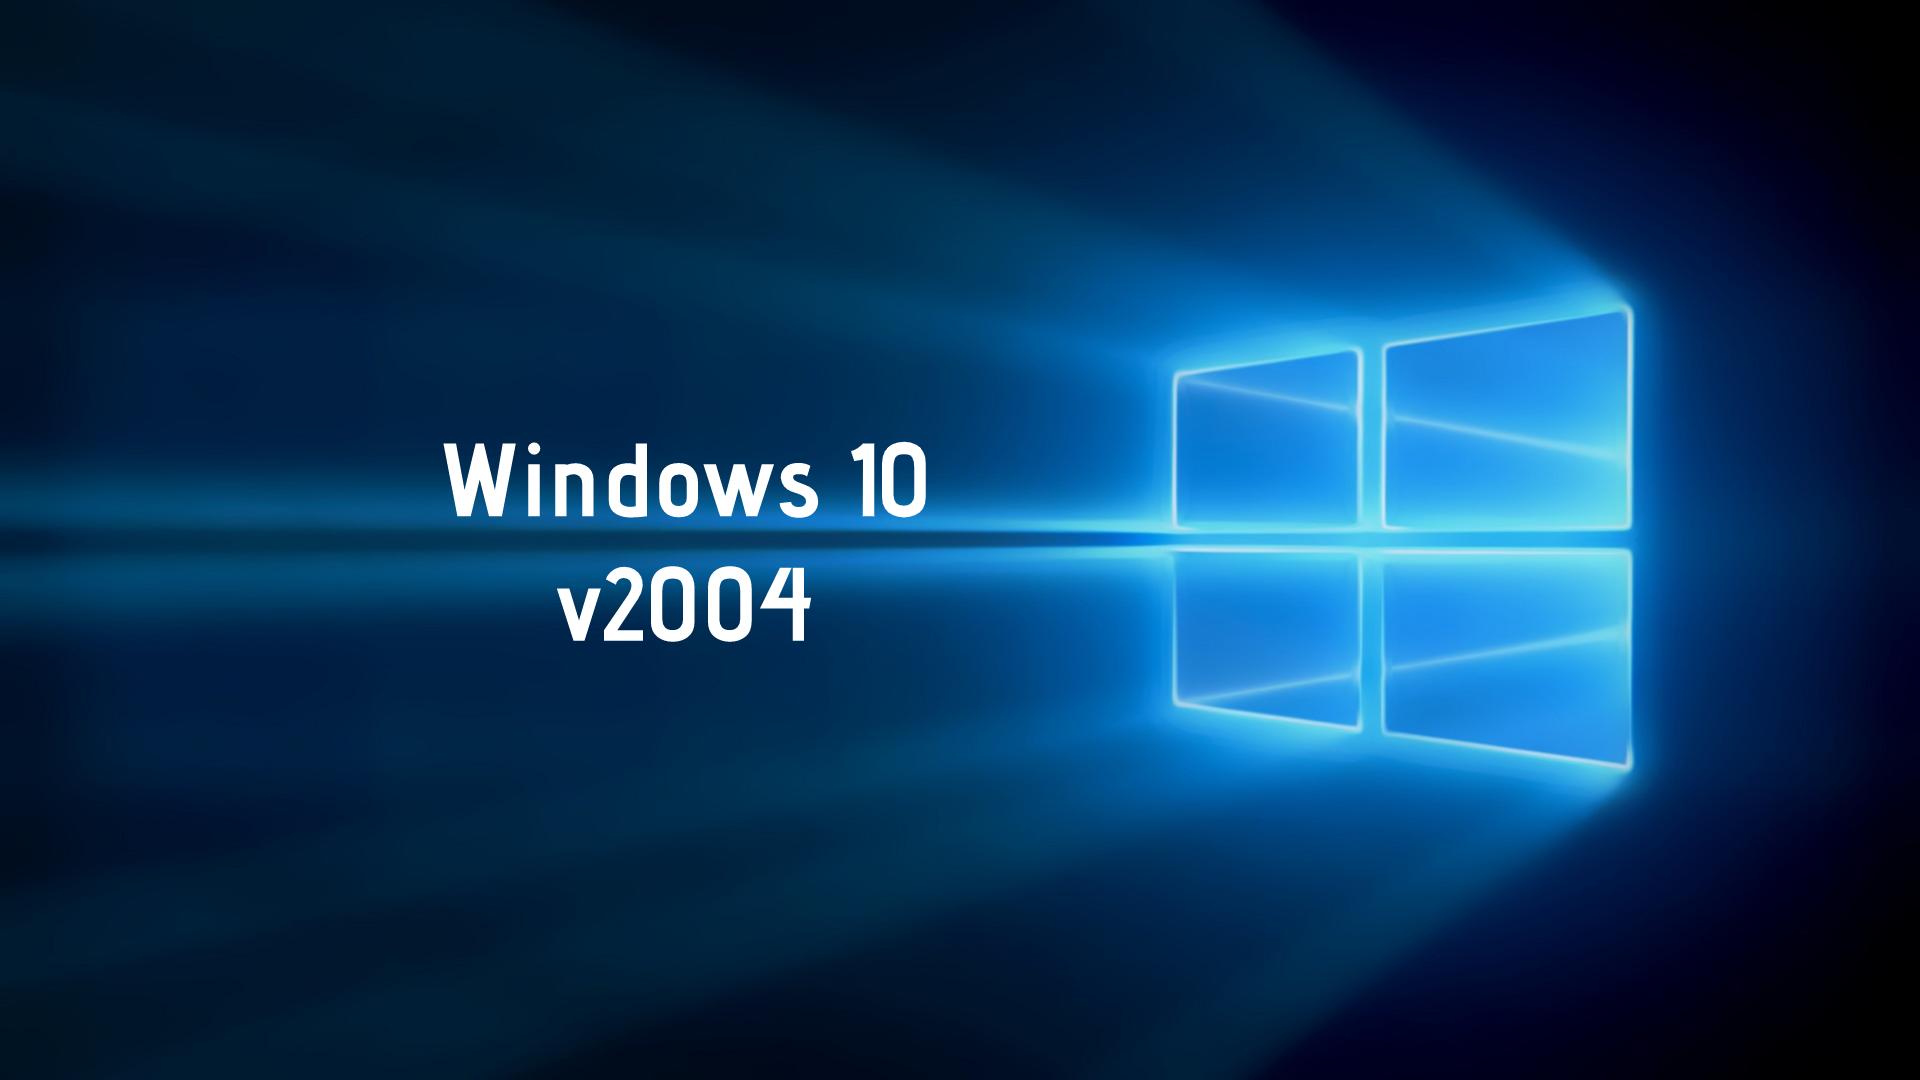 Windows 10 v2004